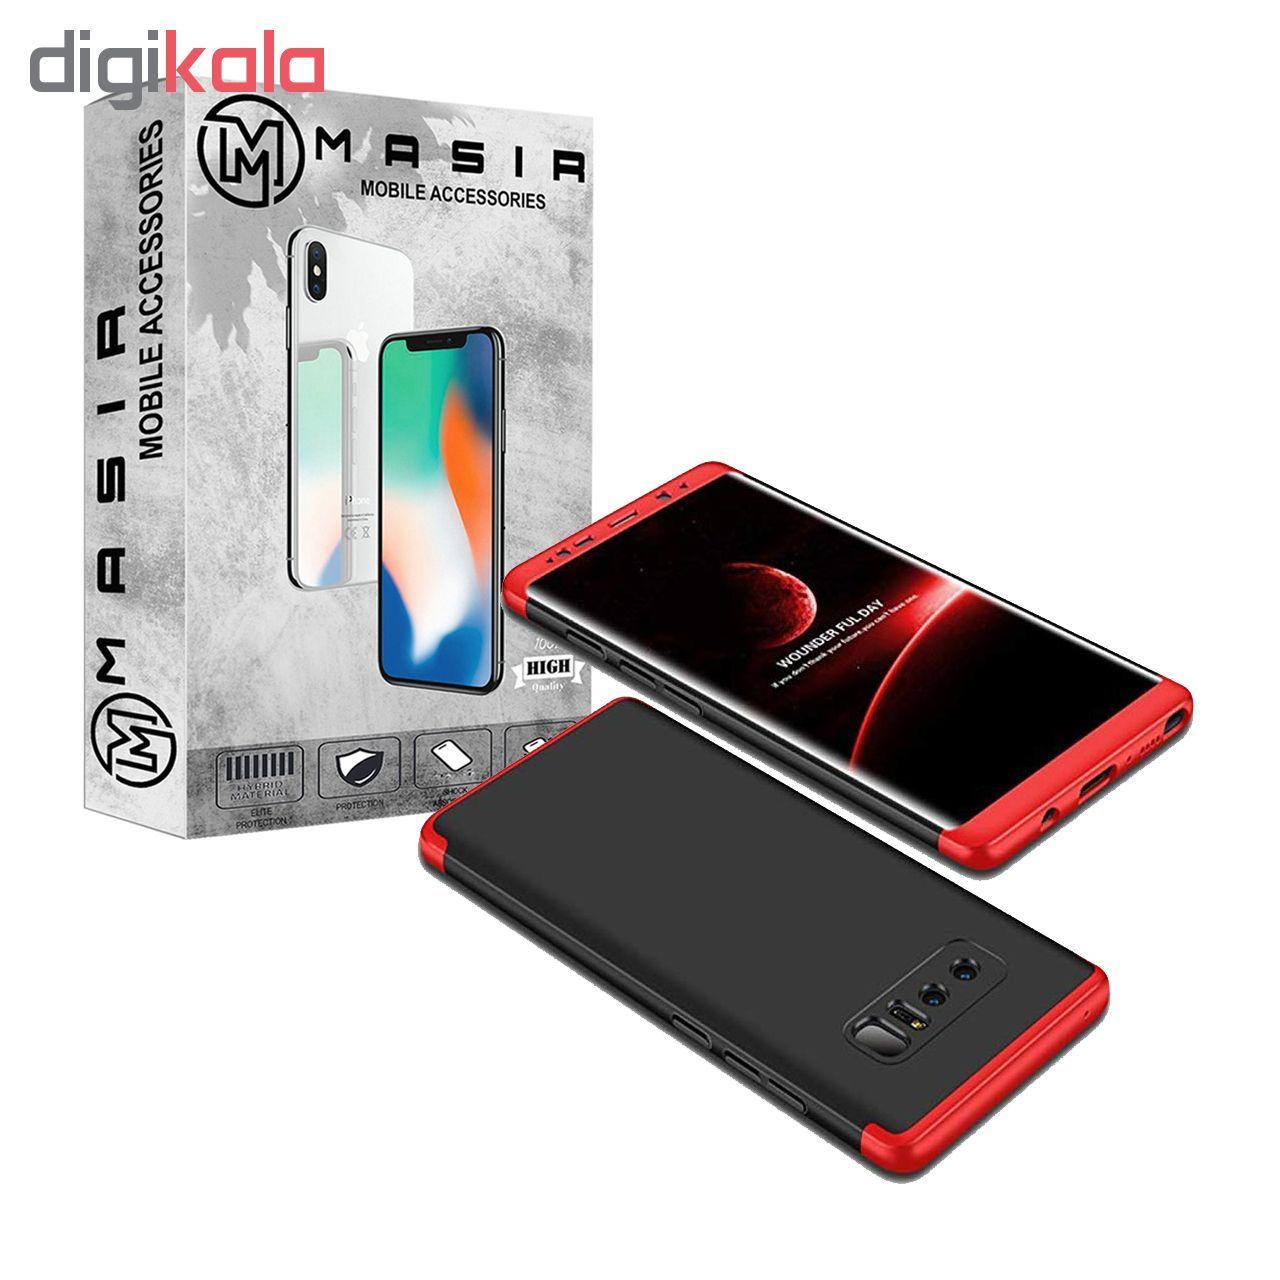 کاور 360 درجه مسیر مدل MGKNEW-1 مناسب برای گوشی موبایل سامسونگ Galaxy Note 8 main 1 1